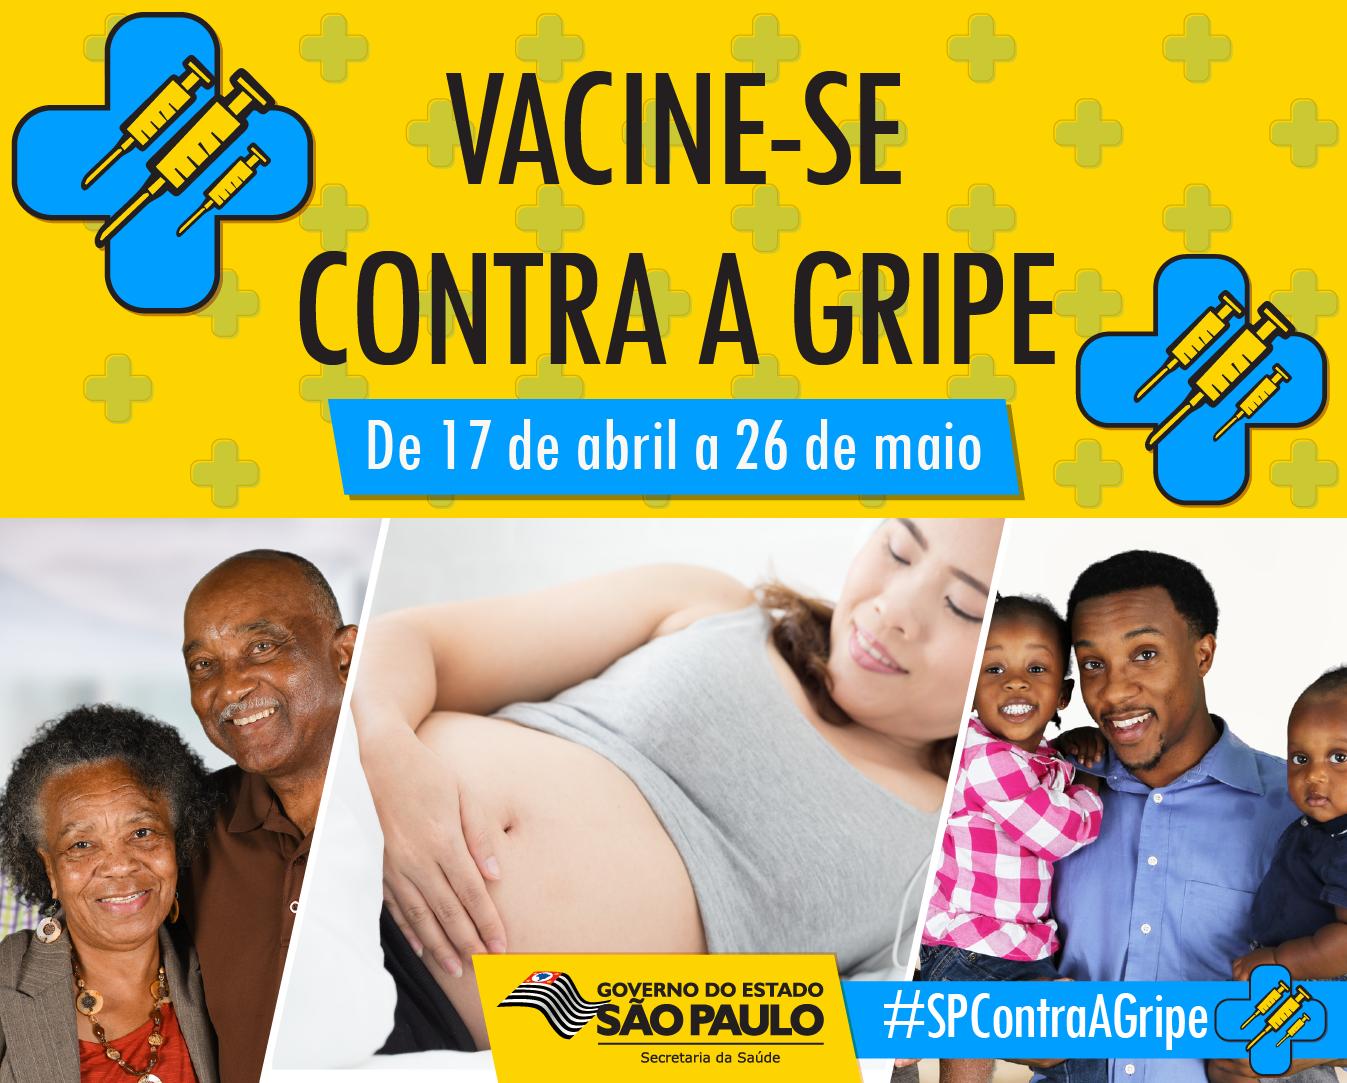 ??Ministério da Saúde prorroga campanha de vacinação contra gripe